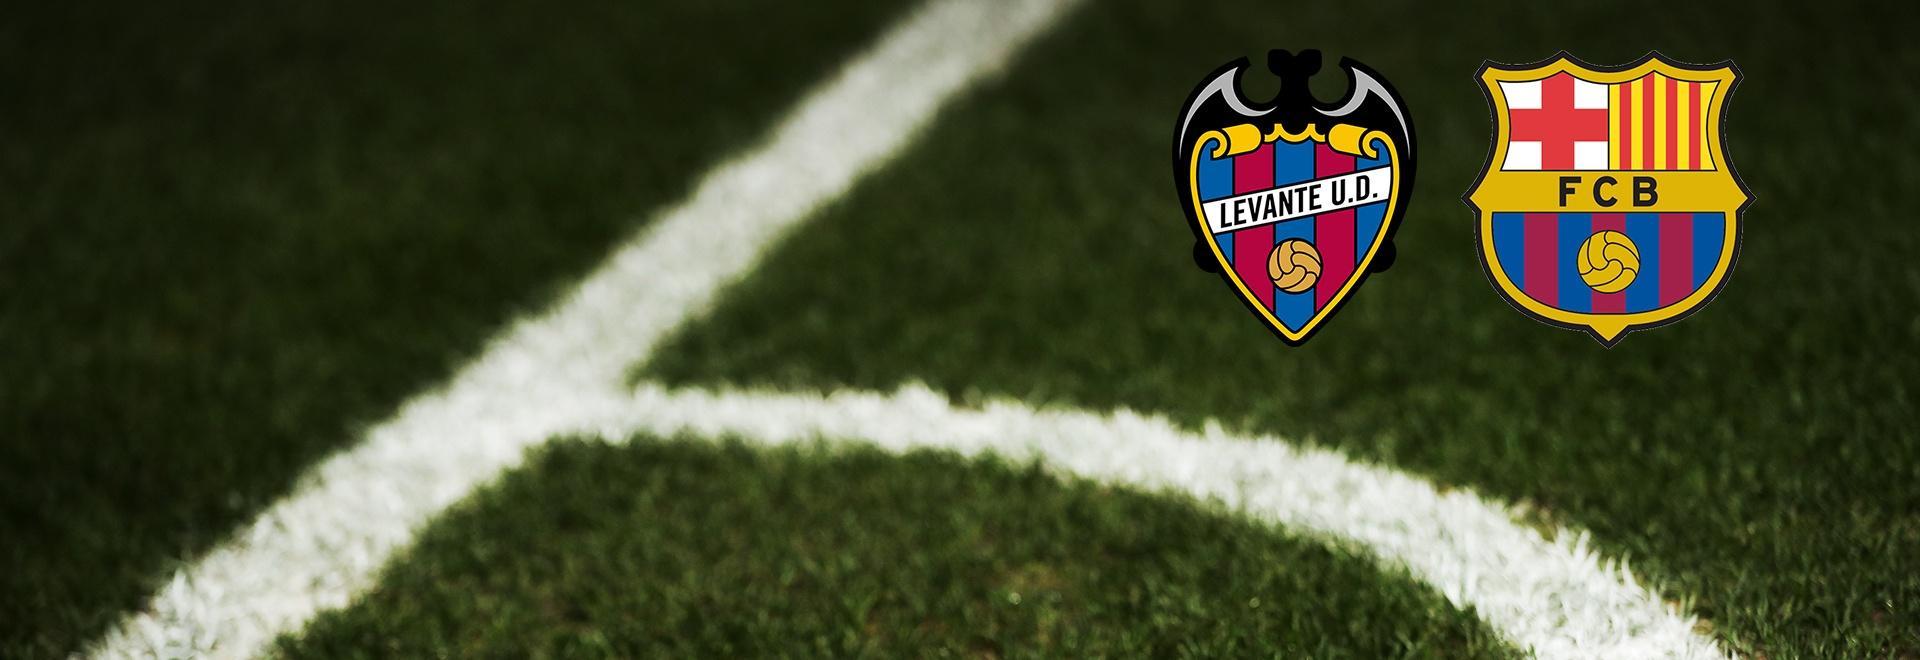 Levante - Barcellona. 12a g.